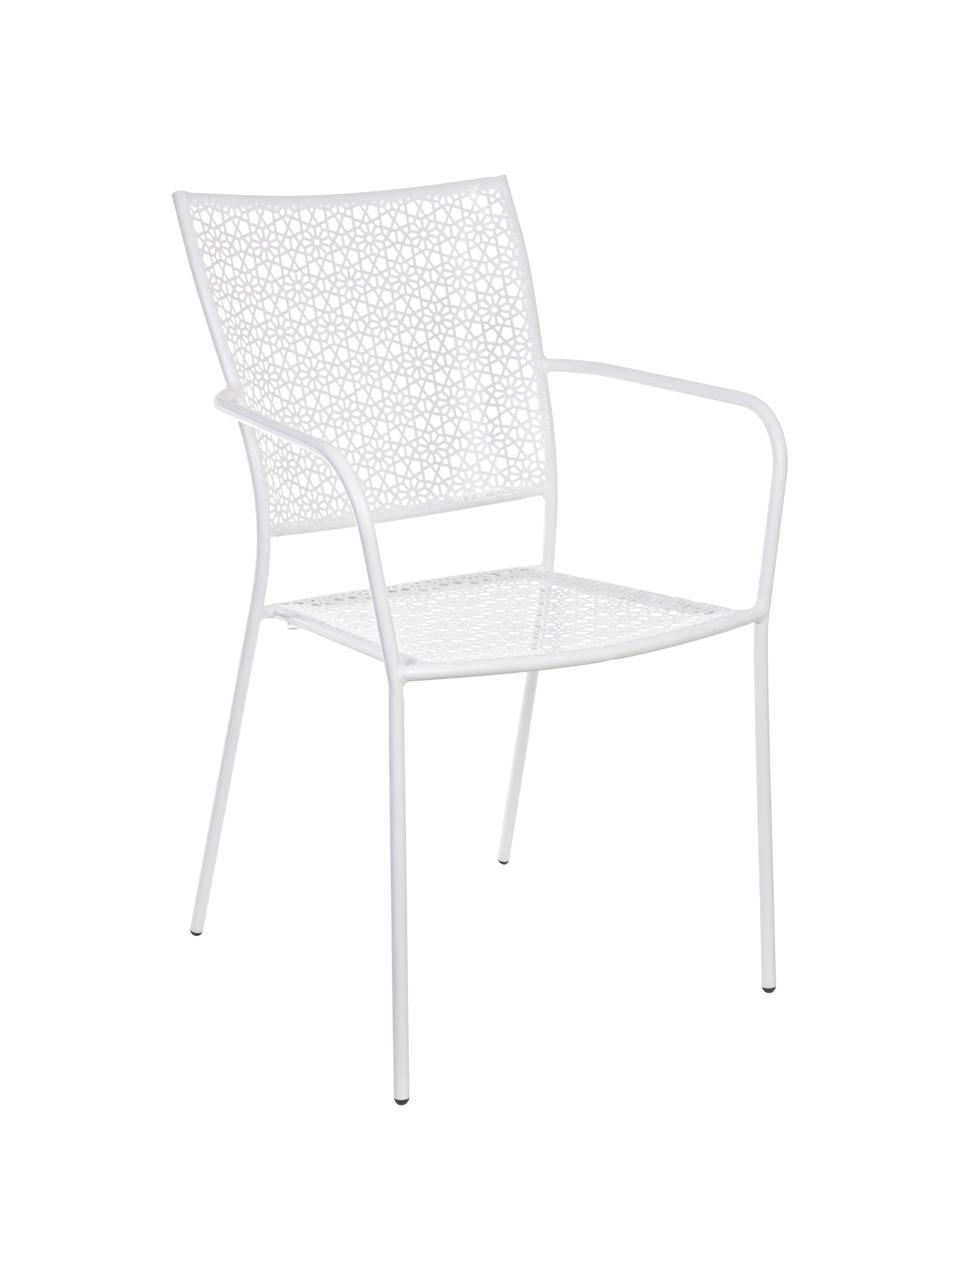 Garten-Armlehnstuhl Jodie aus Metall, Stahl, epoxy-pulverbeschichtet, Weiß, 57 x 89 cm